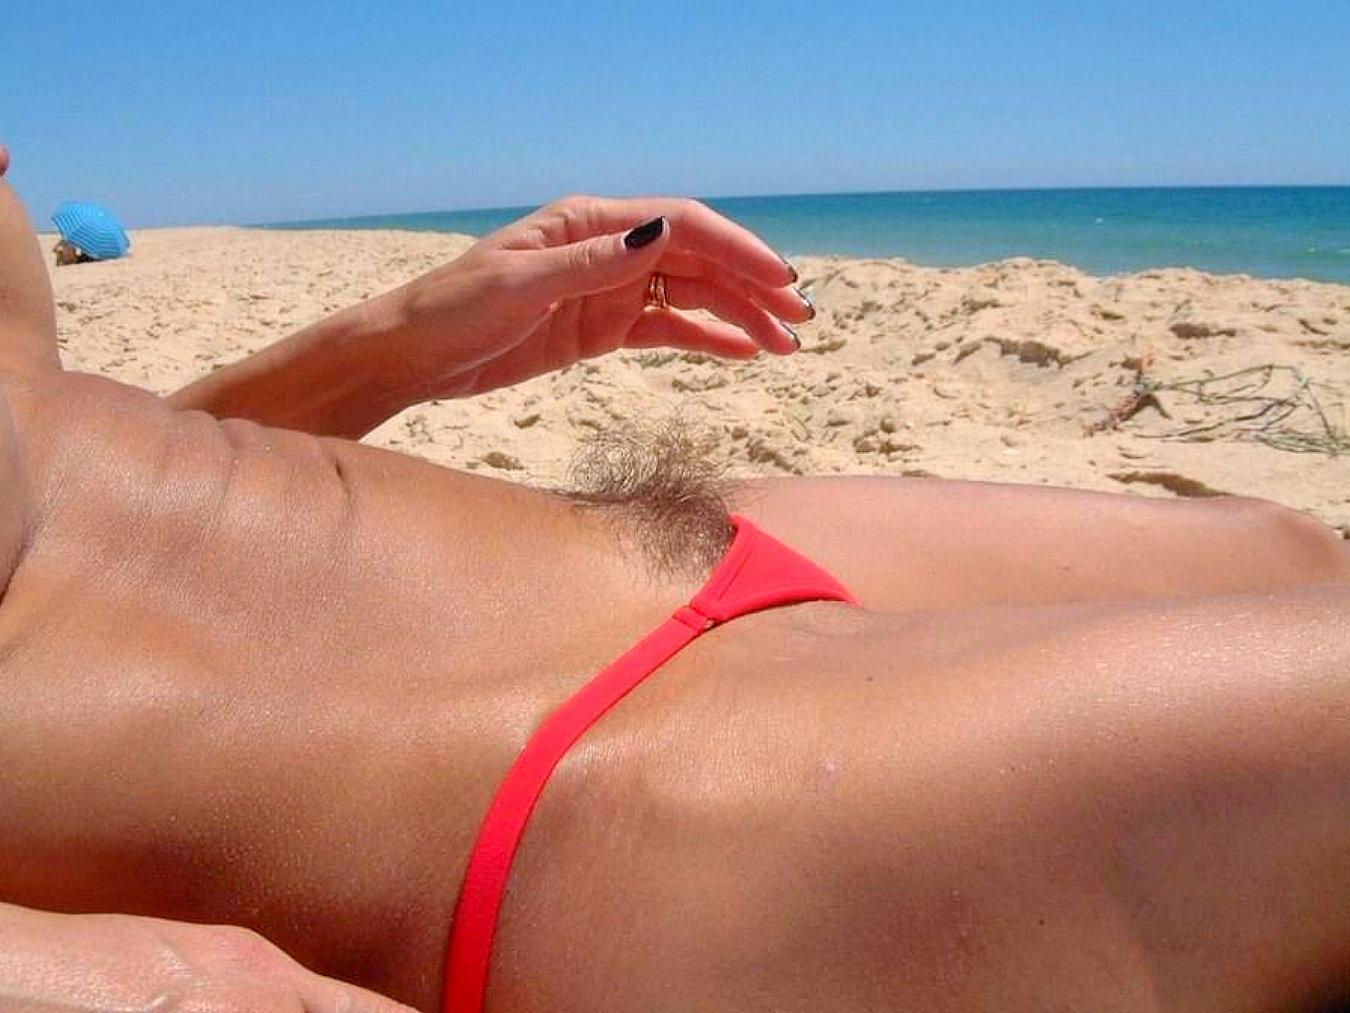 понял торчащая волосня из трусов на пляже что